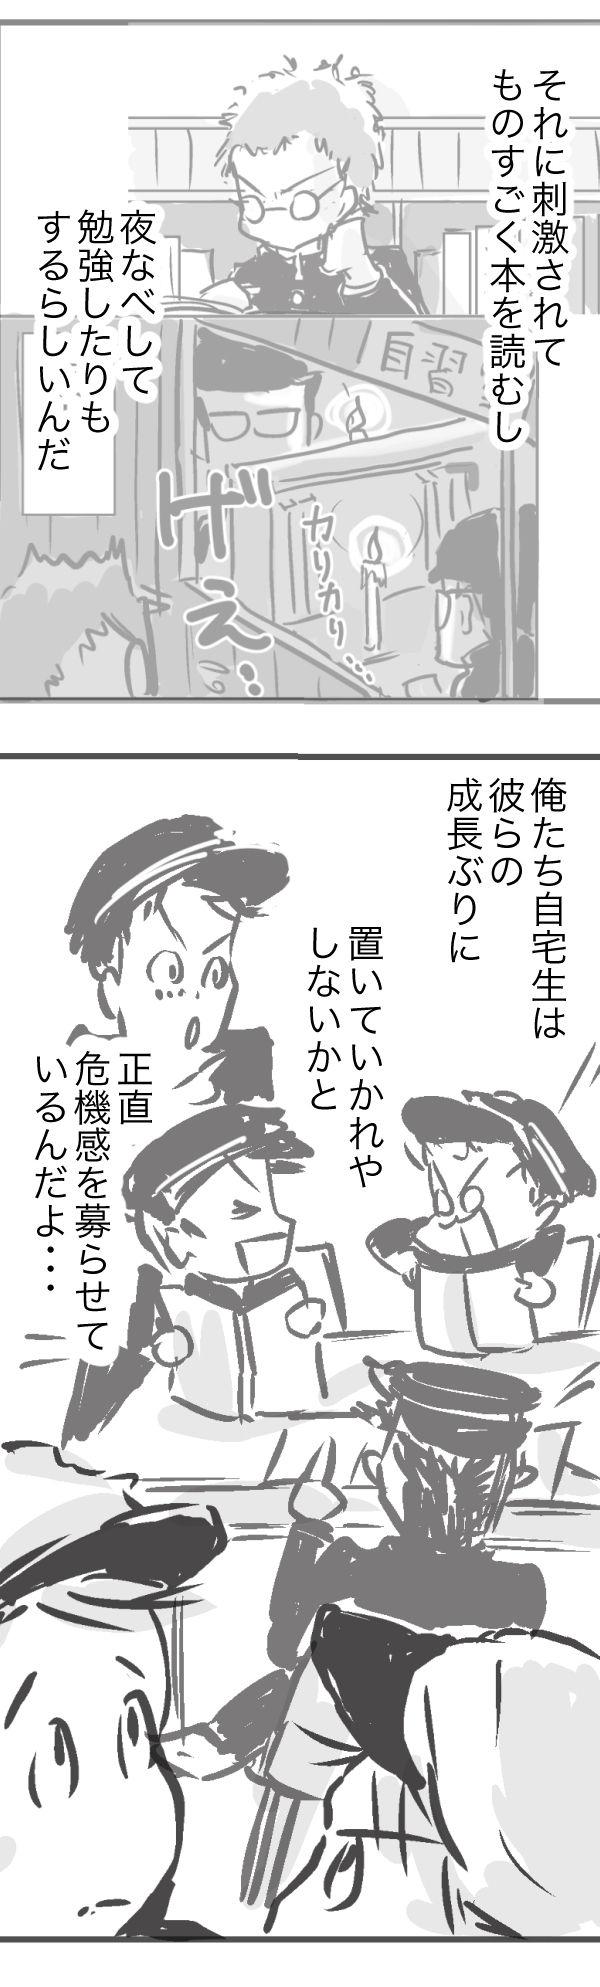 金沢3-4−1